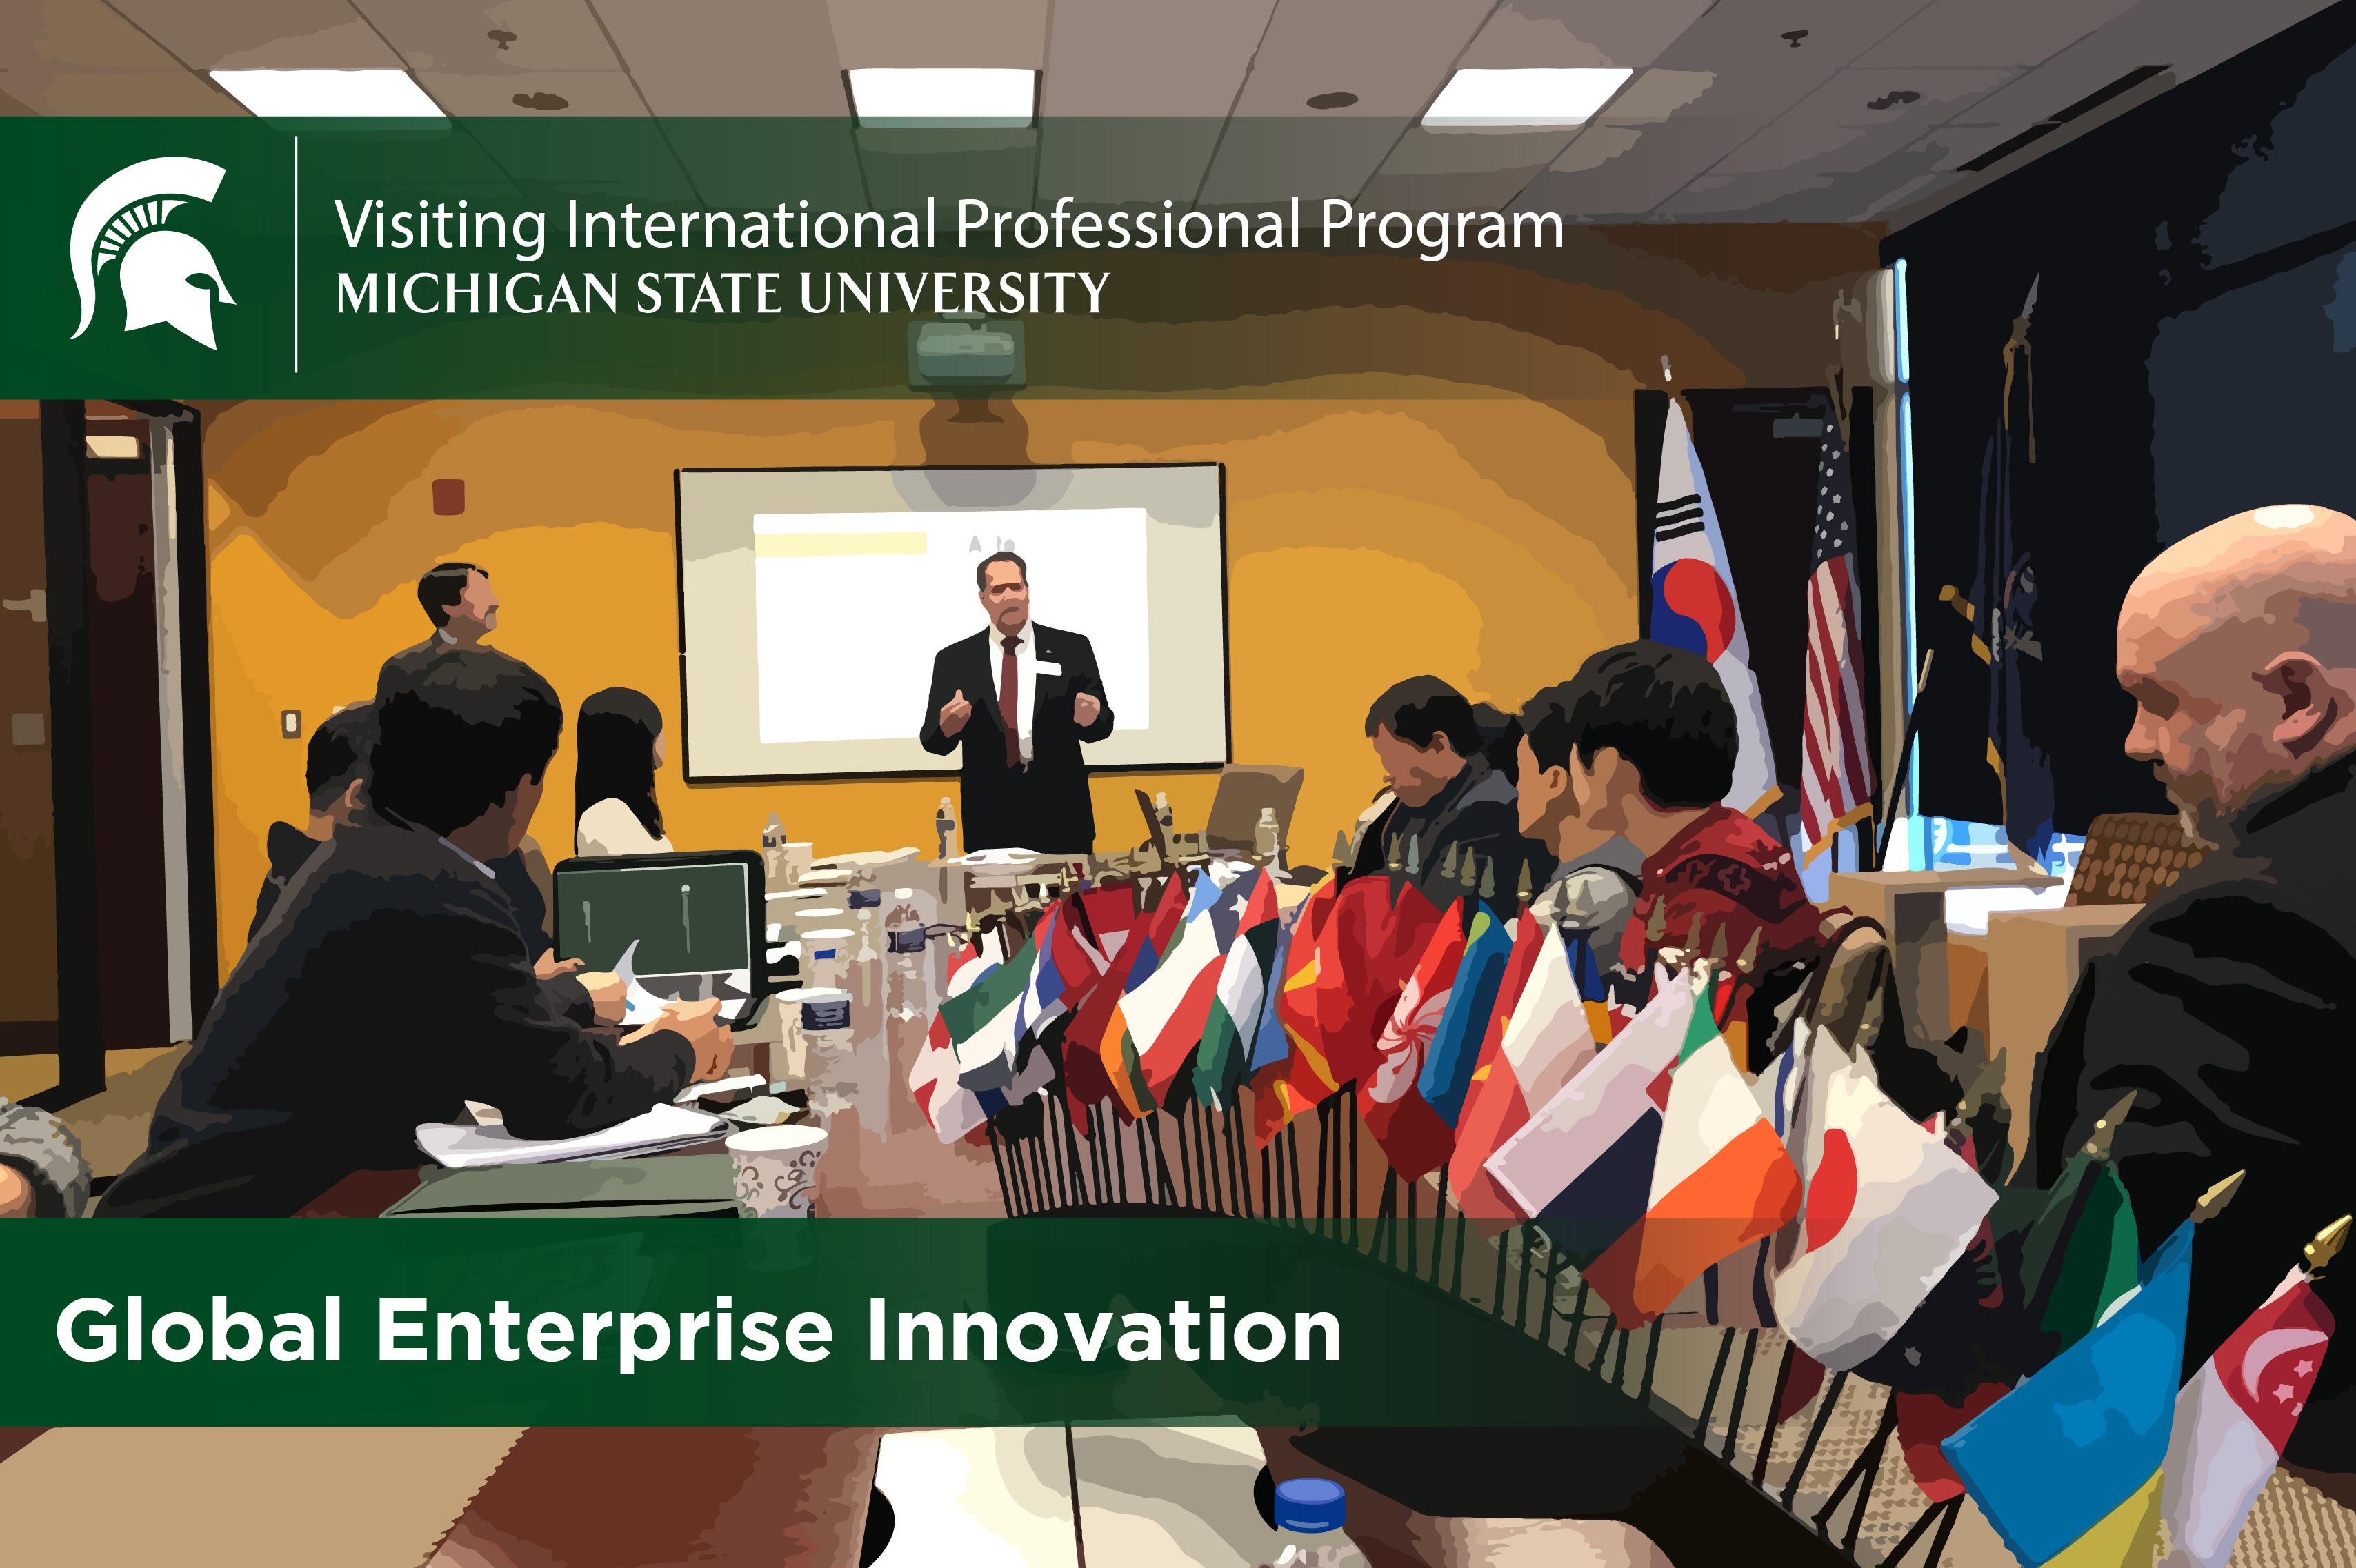 Global Enterprise Innovation